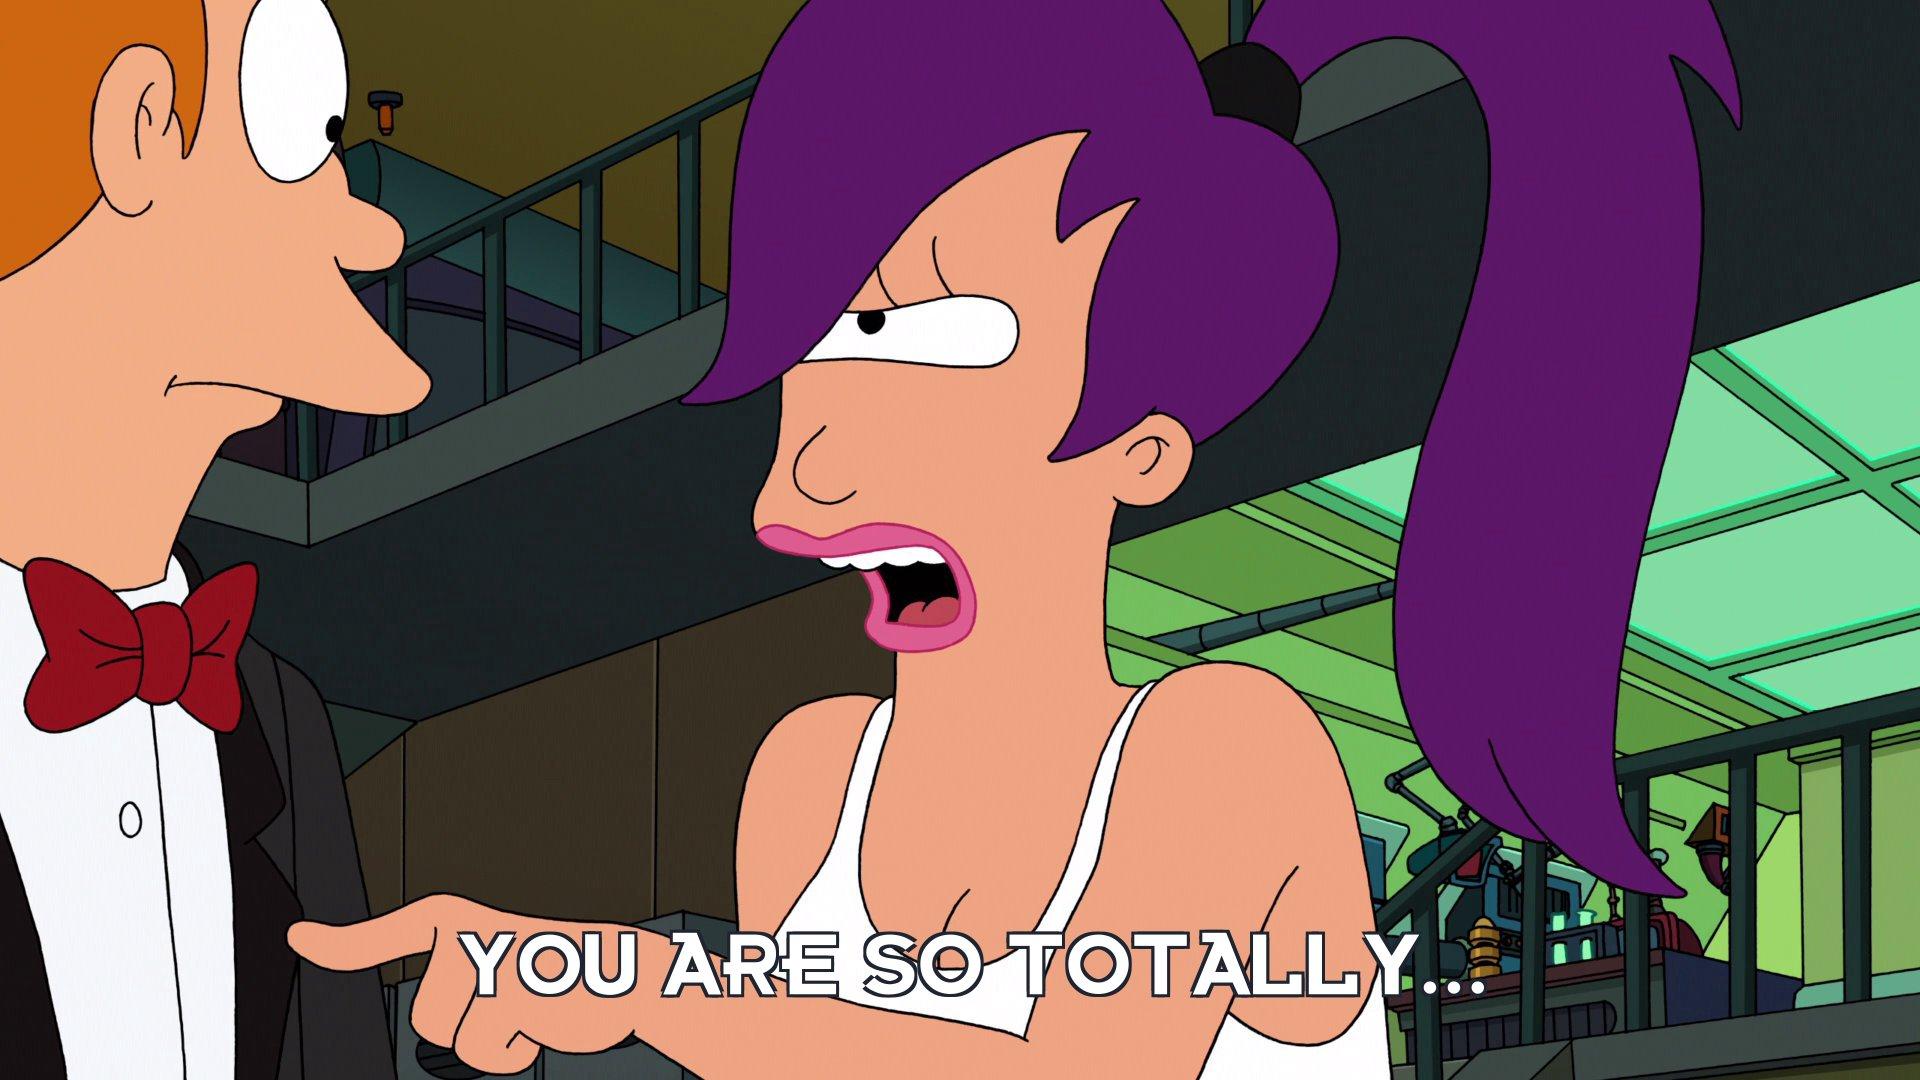 Turanga Leela: You are so totally...